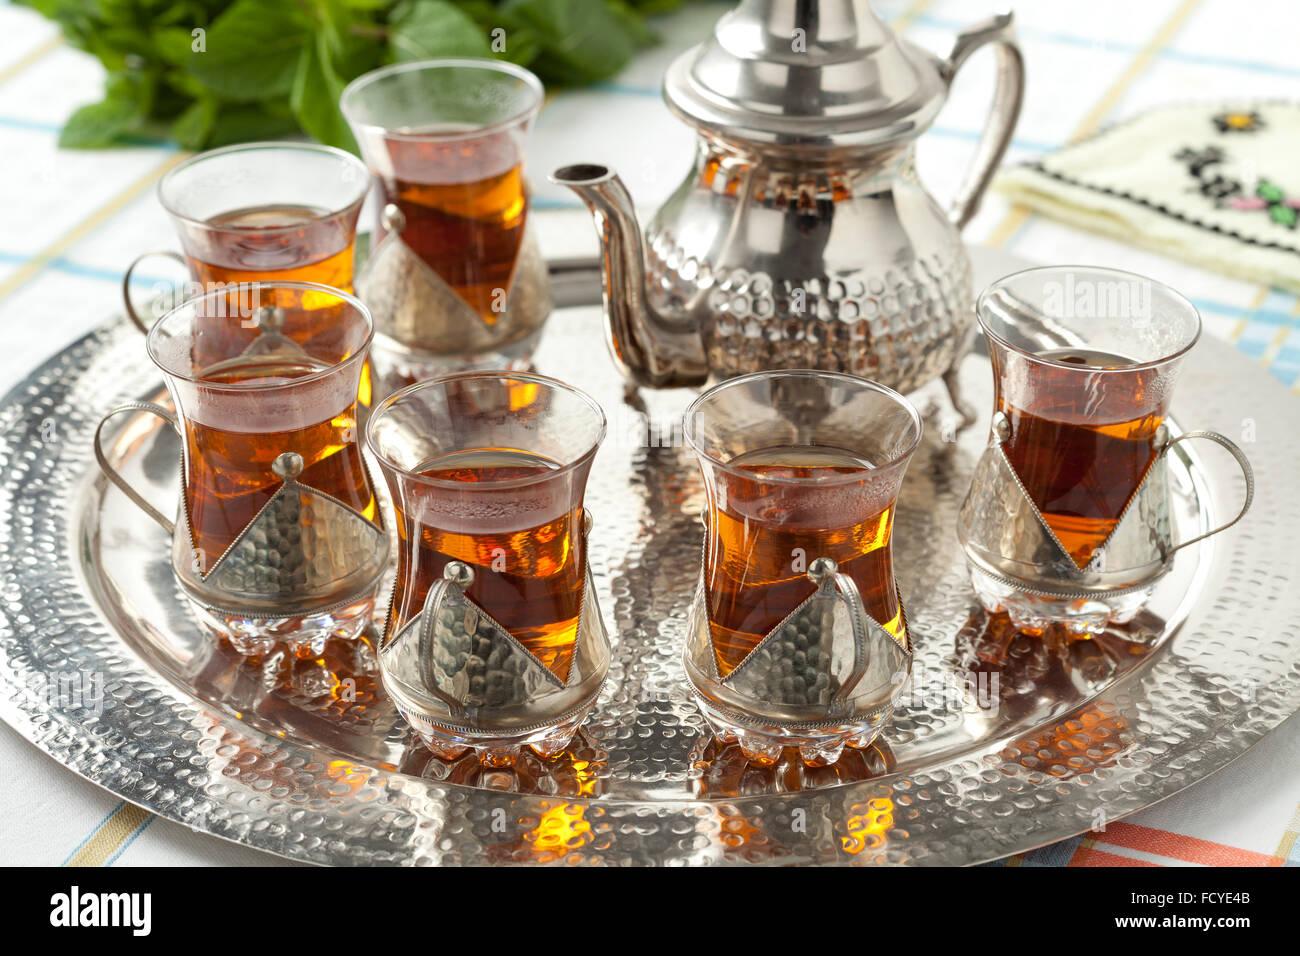 Verres à thé marocain traditionnel et pot sur un plateau Photo Stock